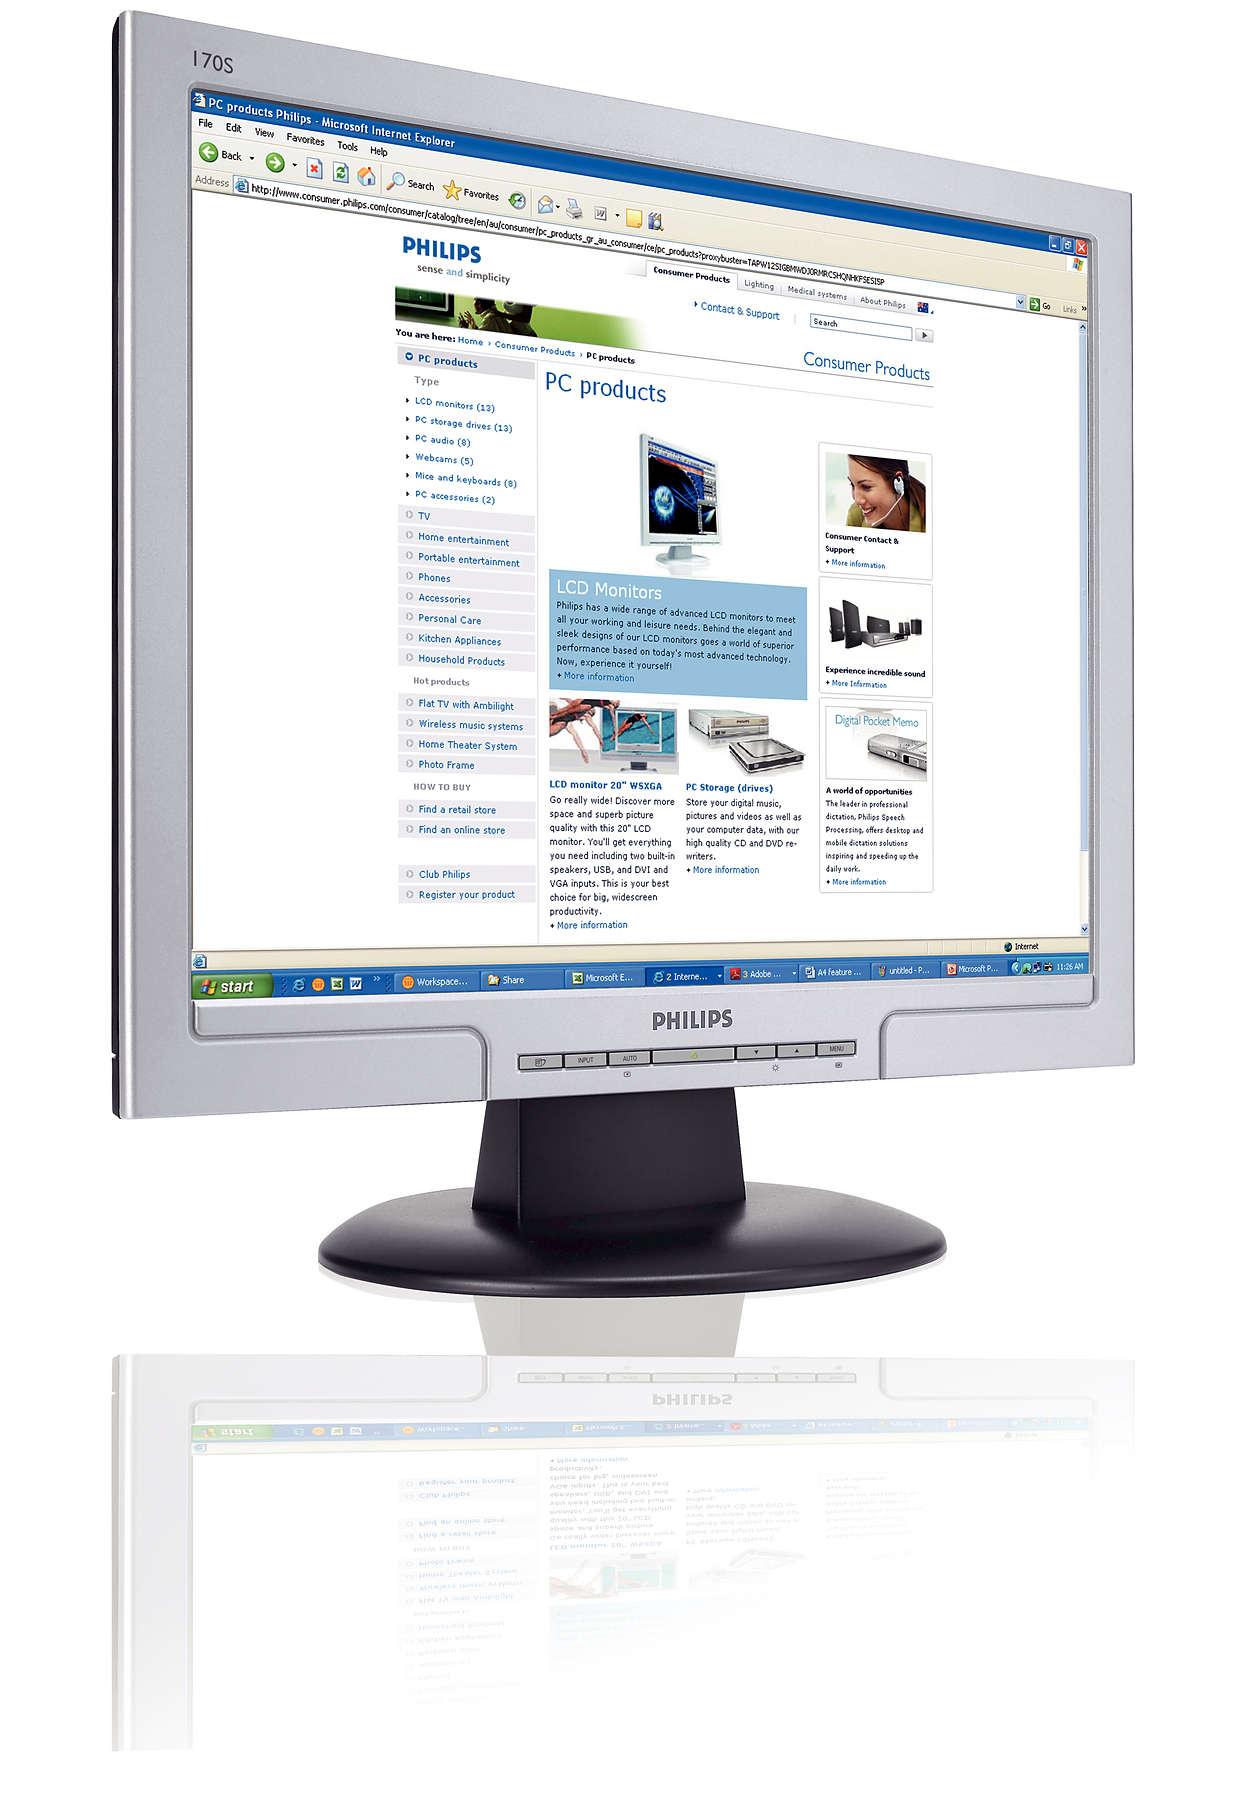 Kompakt skjerm og høy ytelse til fornuftig pris